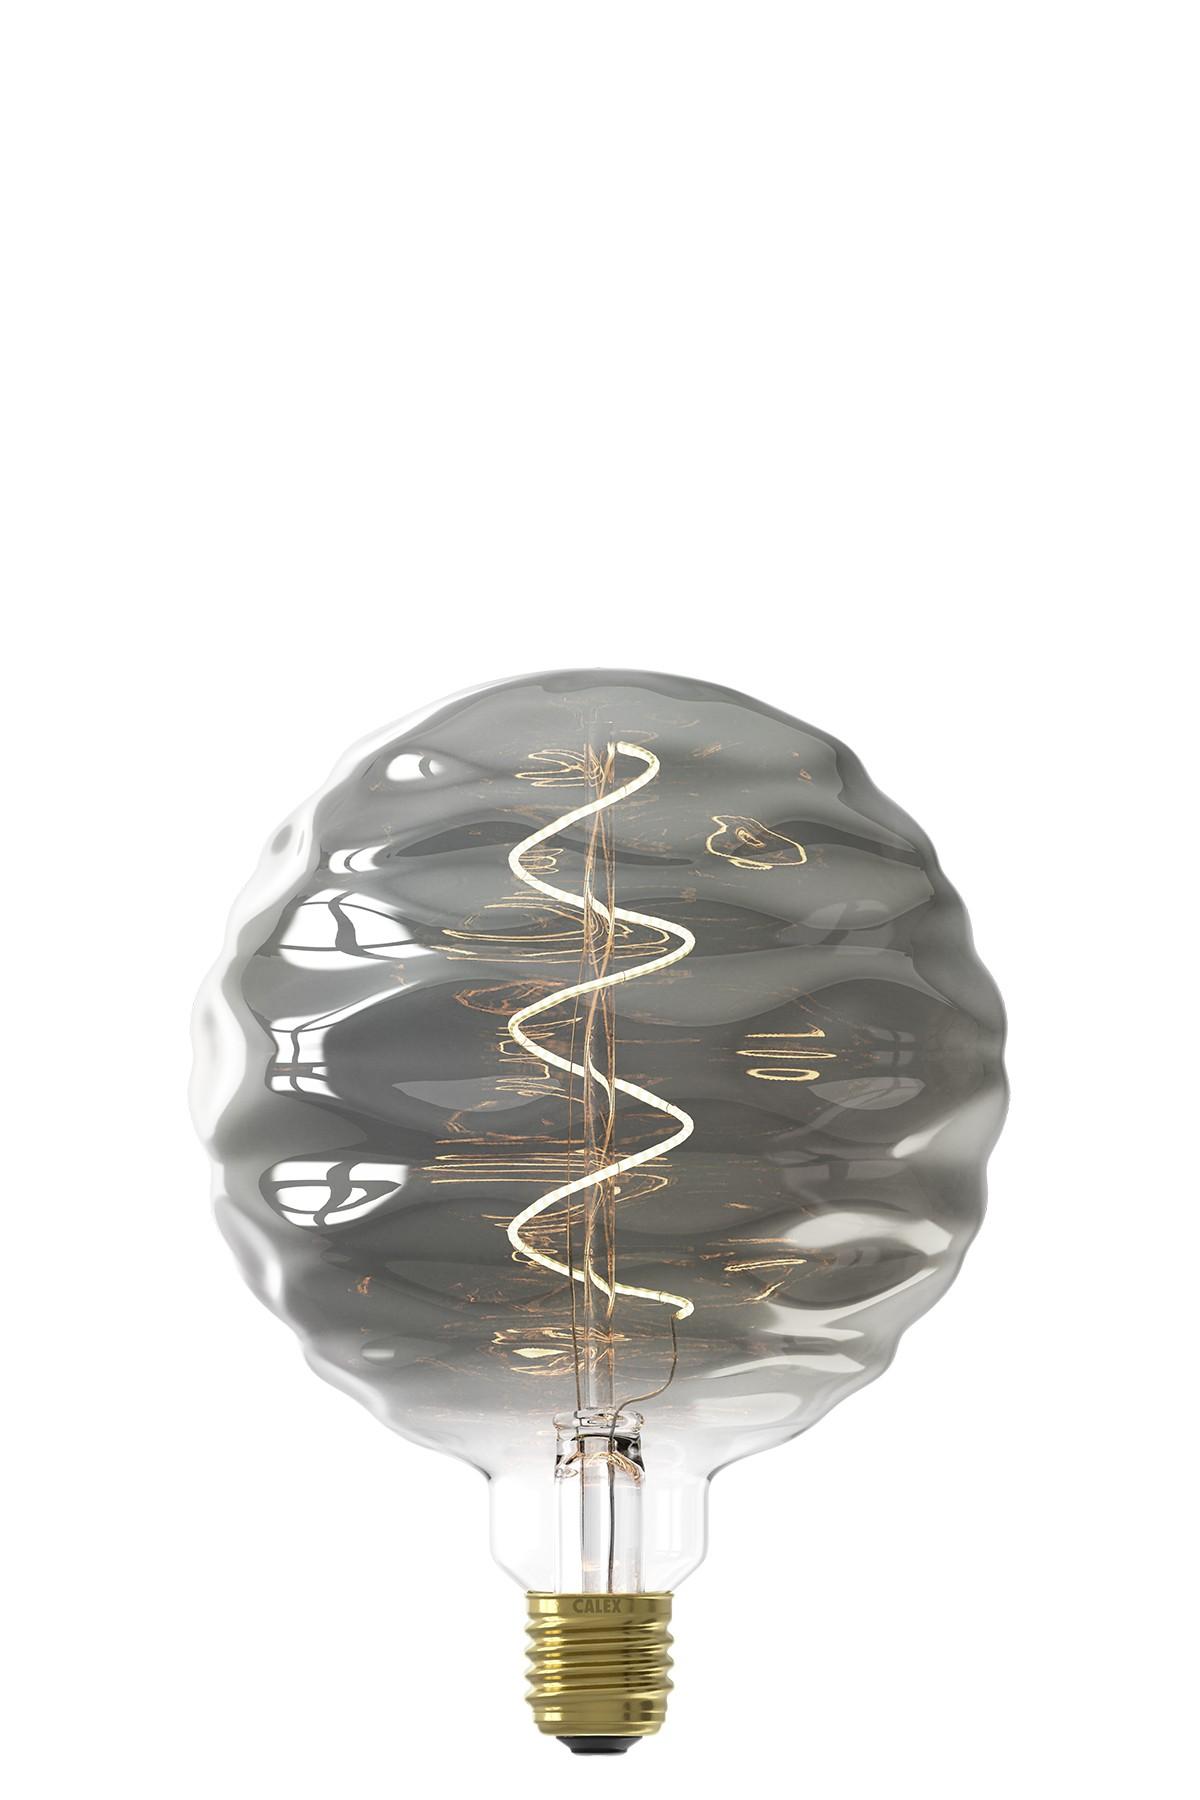 Bilbao Titanium led lamp 4W 60lm 2100K Dimbaar